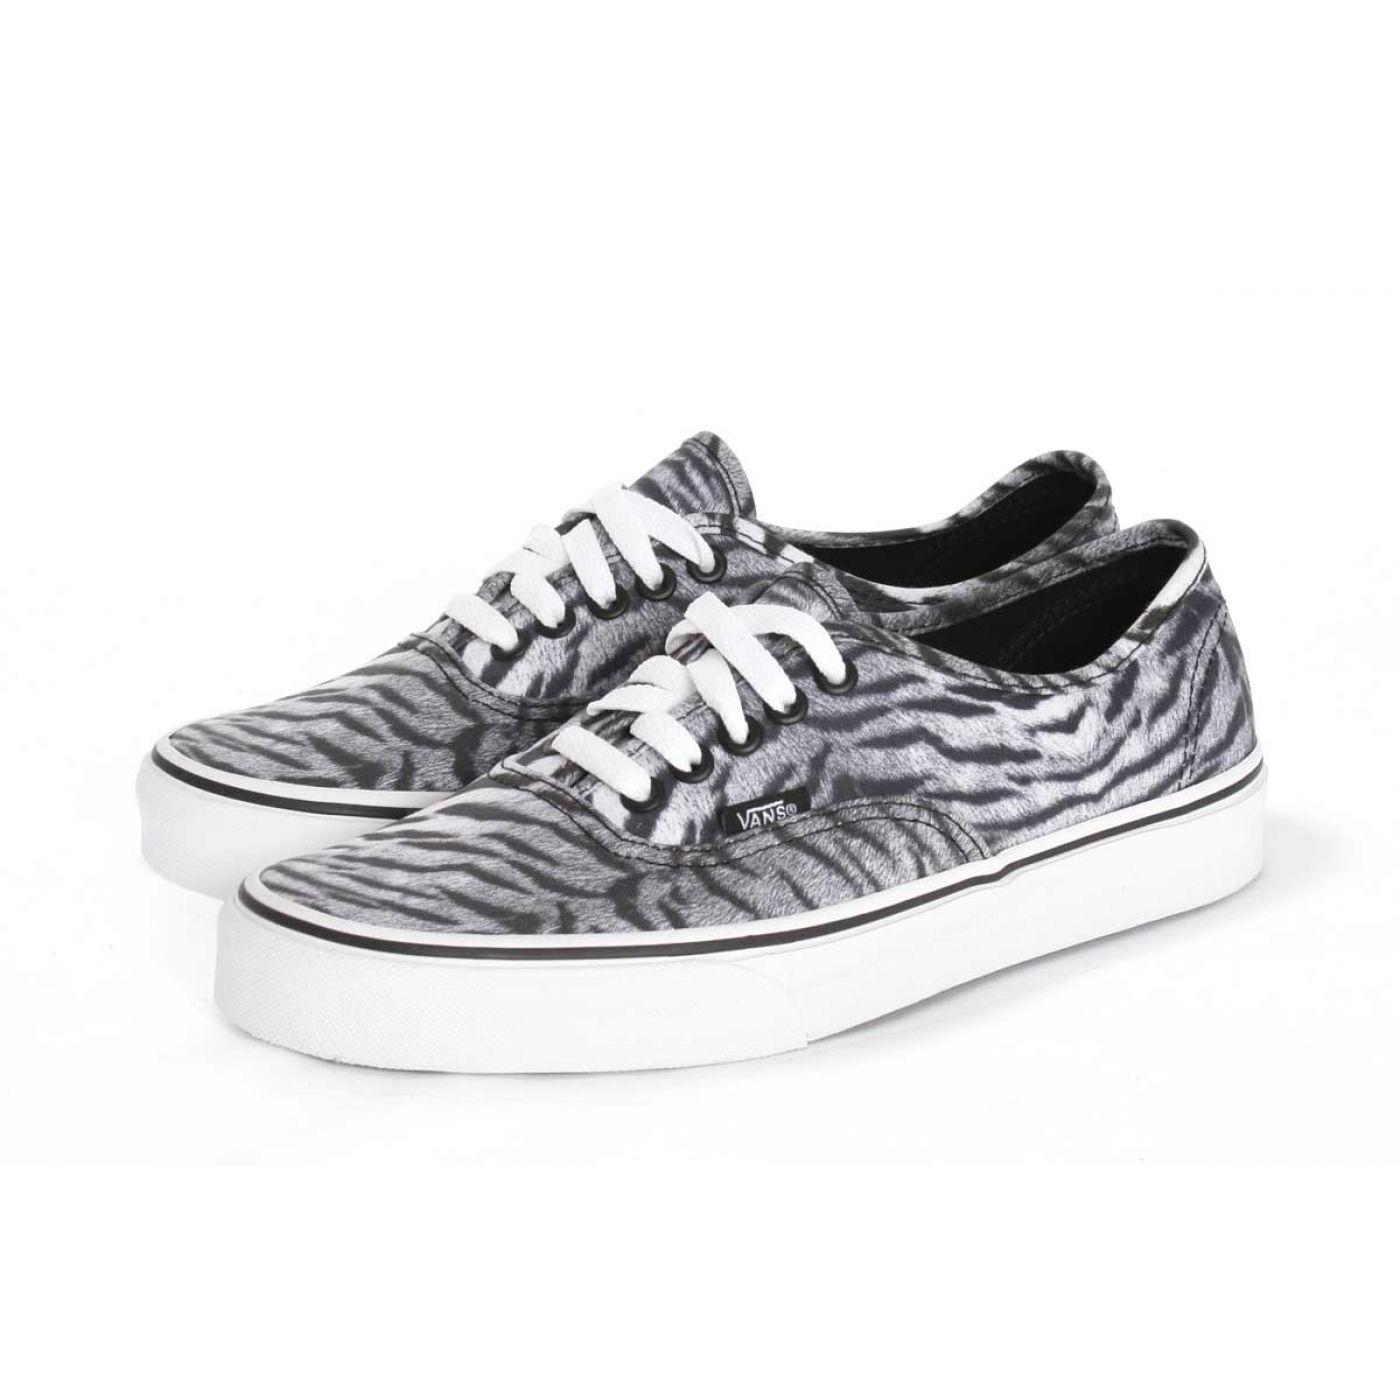 Vanz, black & white stripes, zebra